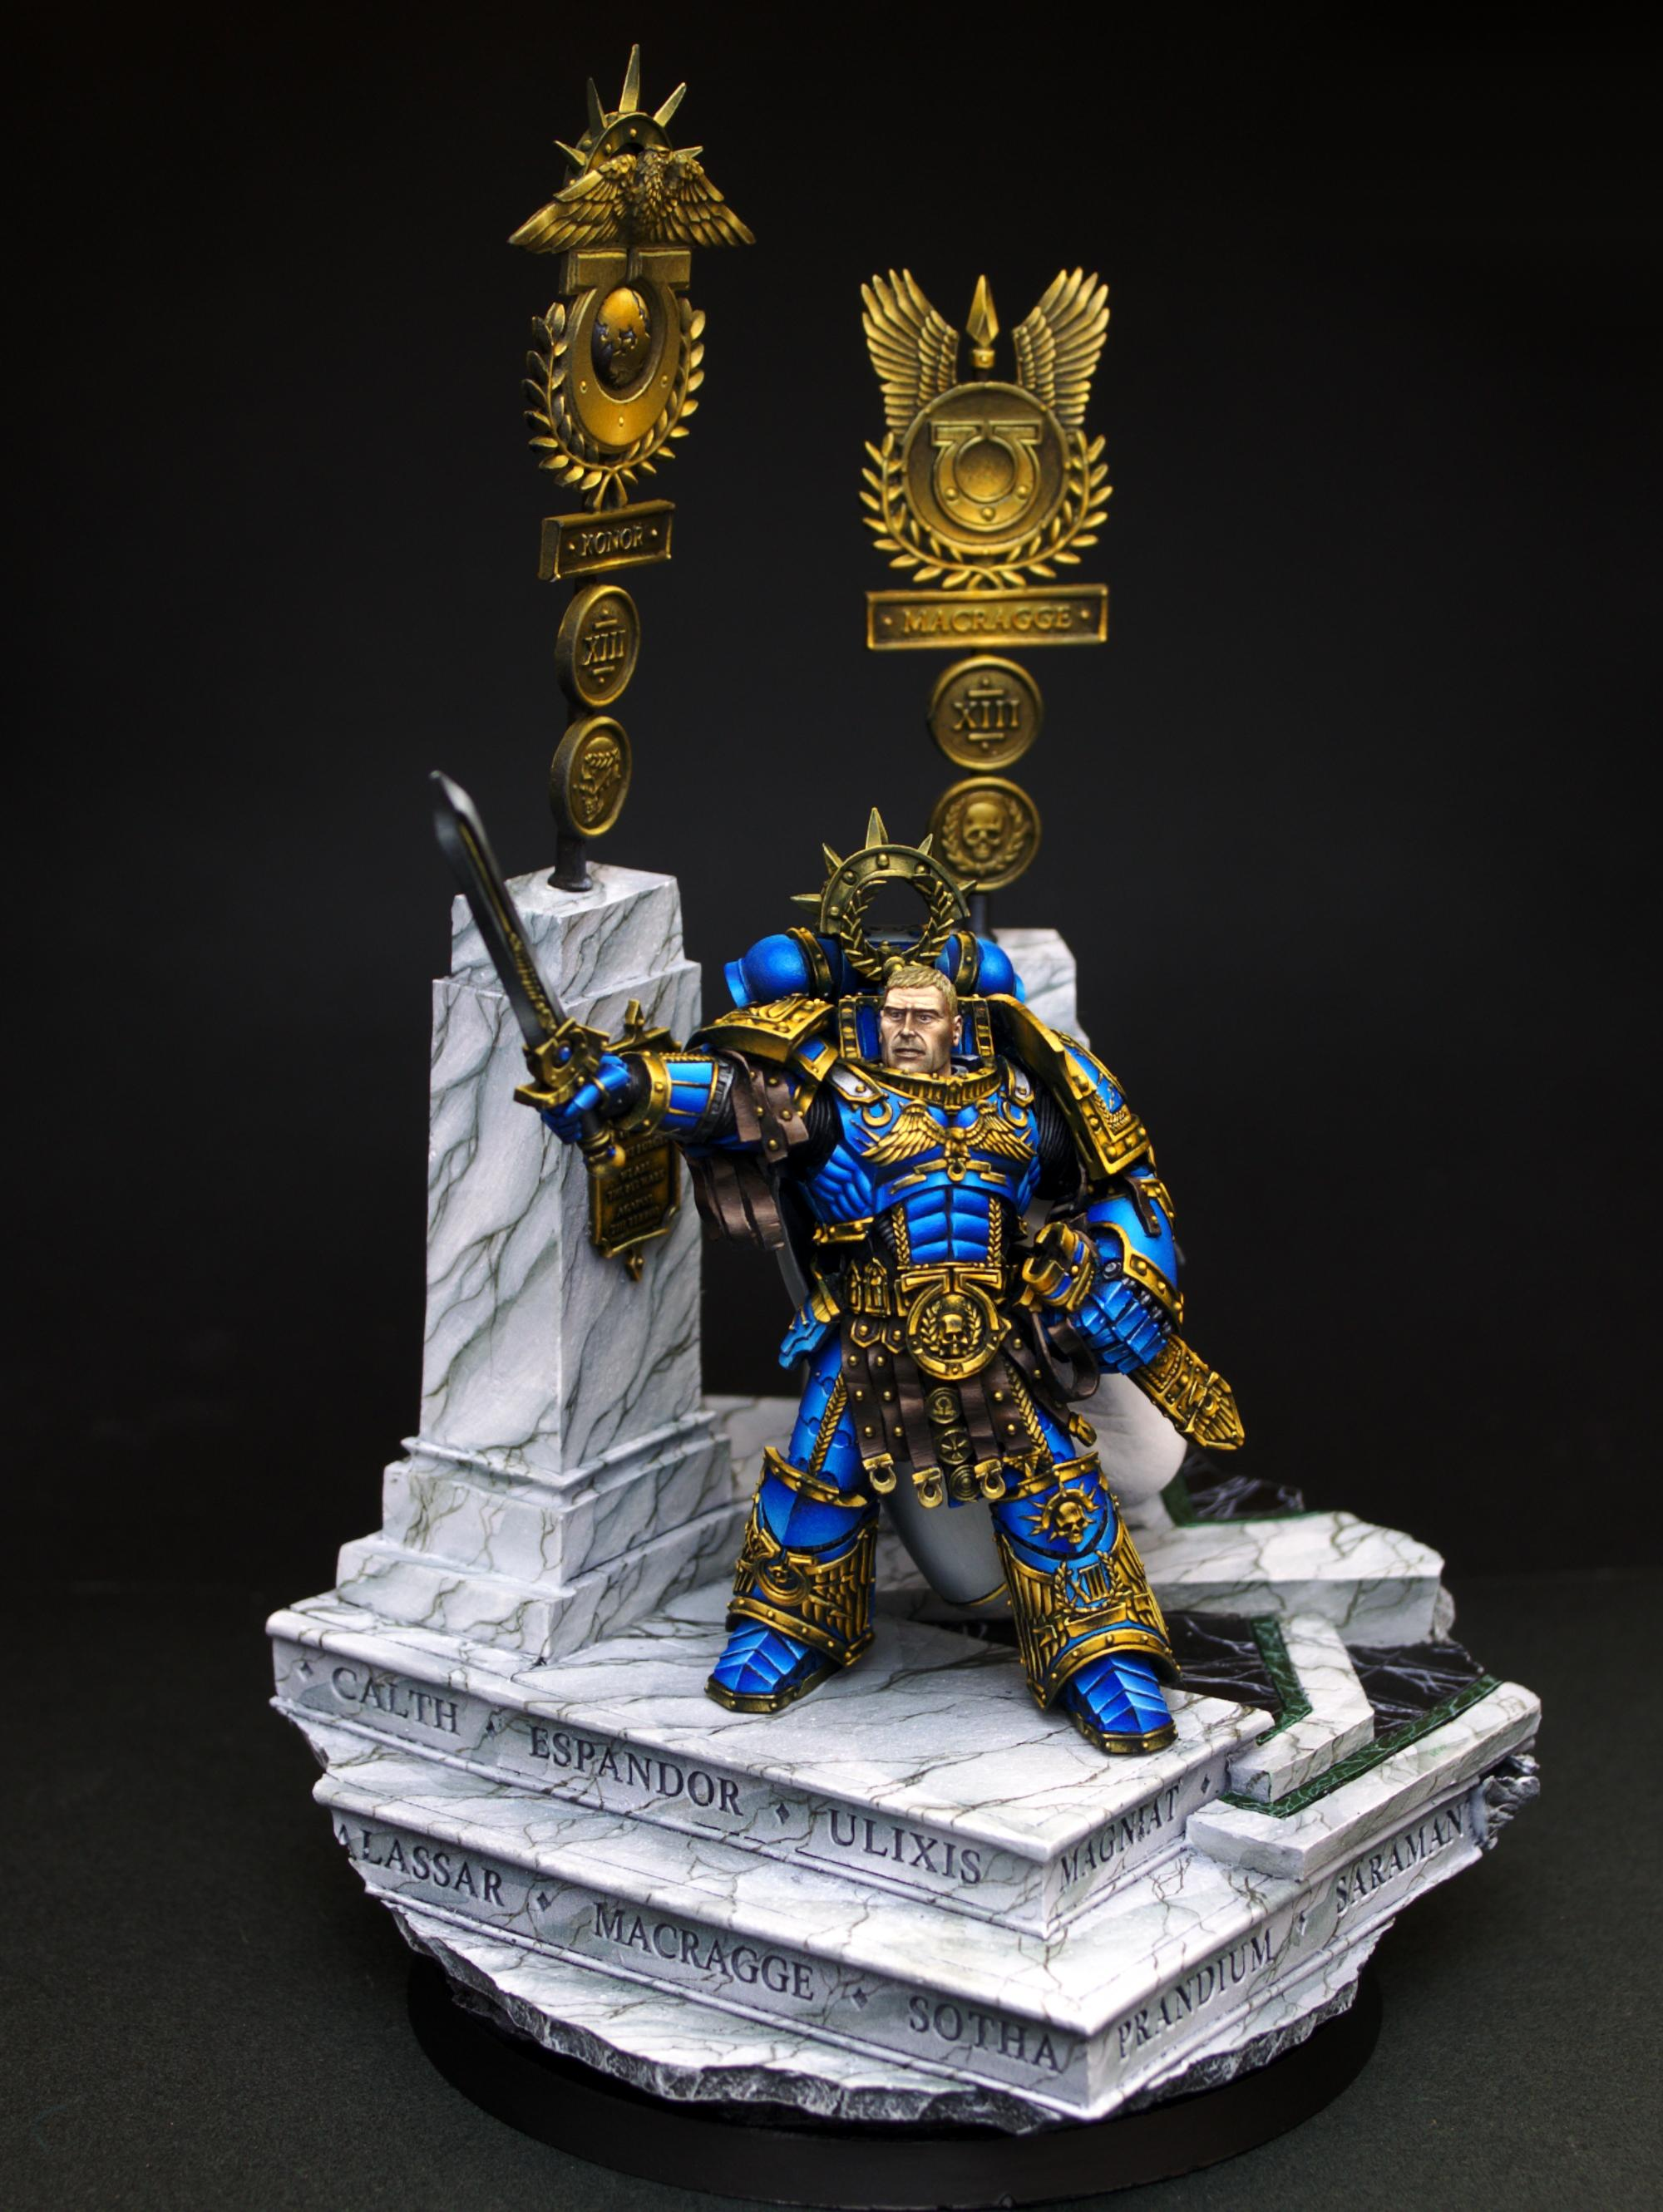 Flameon, Guilliman, Roboute, Ultramarines, Warhammer 40,000